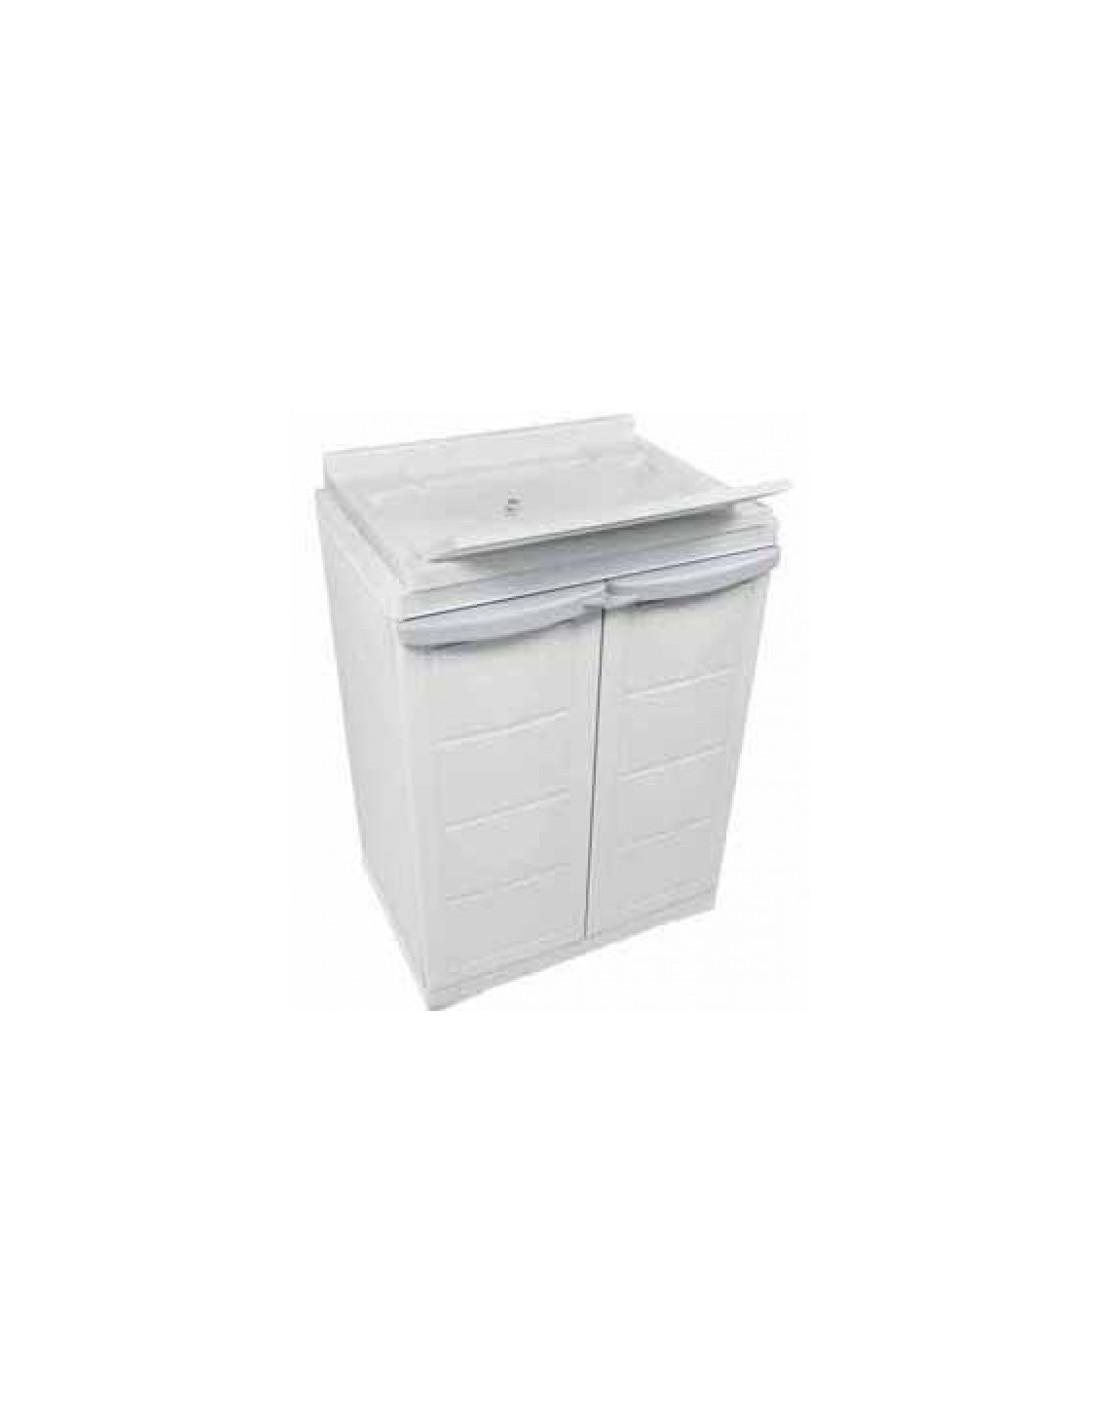 Mueble armario de resina con fregadero incorporado - Mueble de resina para exterior ...